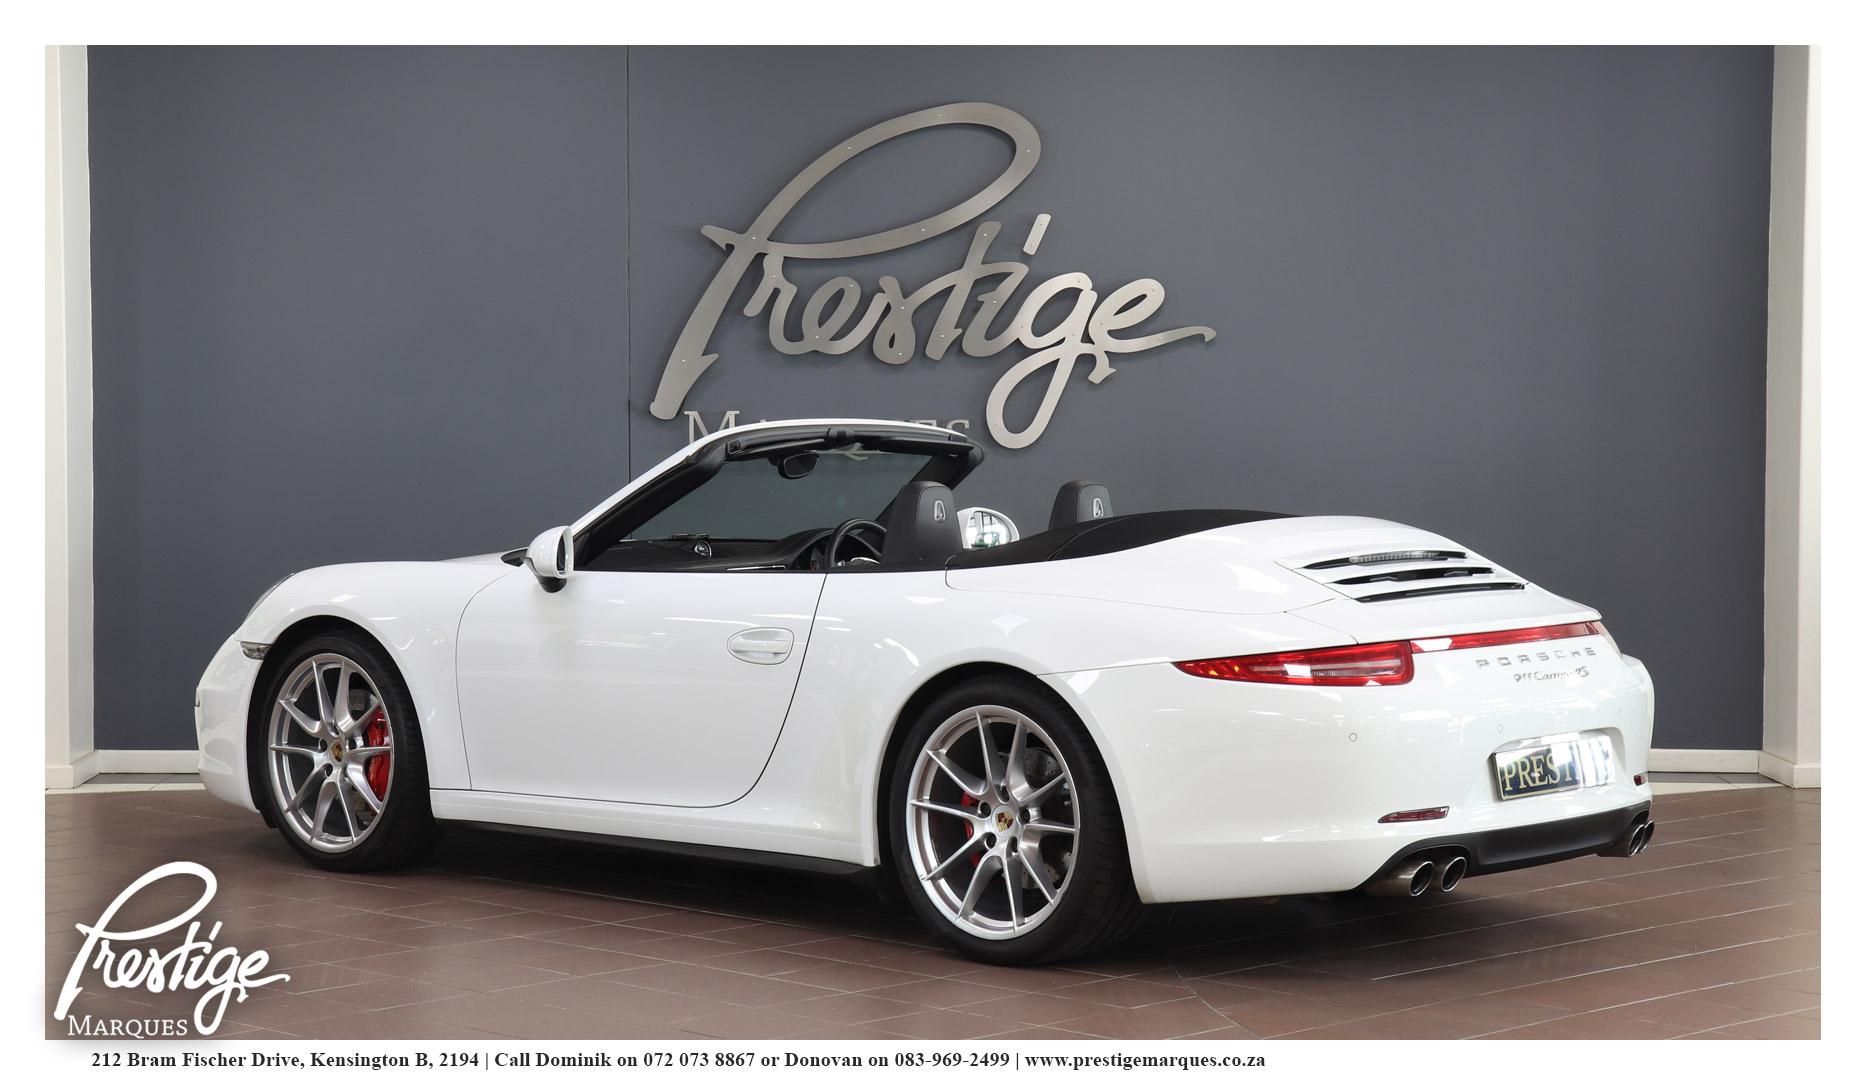 2013-Porsche-911-991-Carrera-4s-PDK-Cabriolet-Prestige-Marques-Randburg-Sandton-10